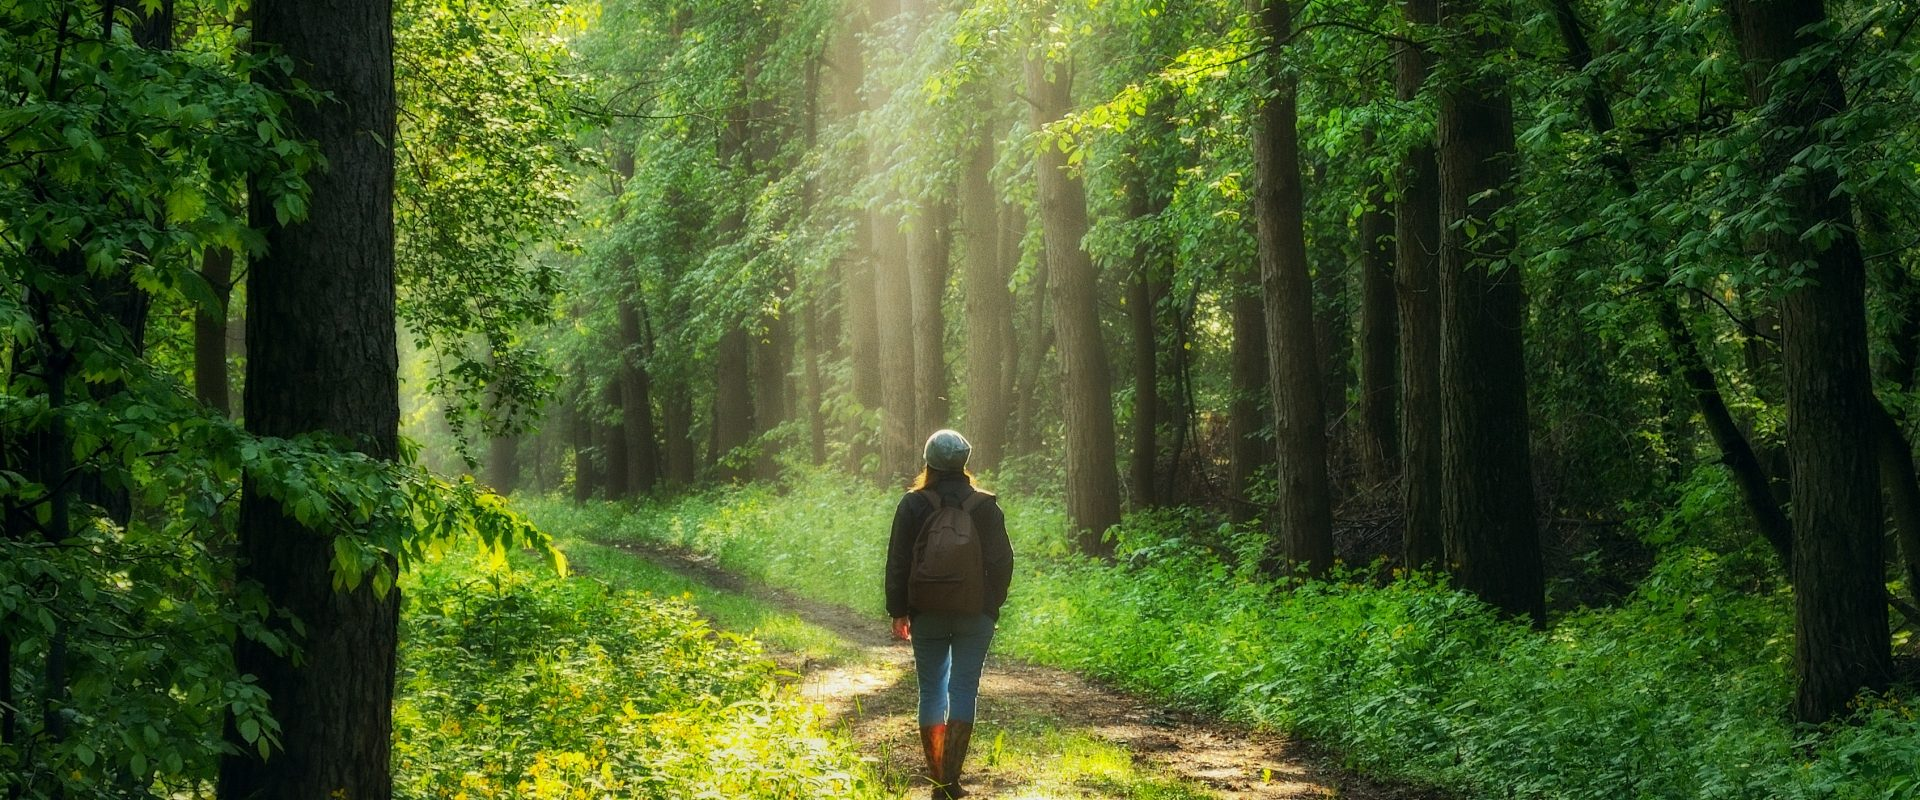 Sylwoterapia, czyli leśna kąpiel. Na czym polega?